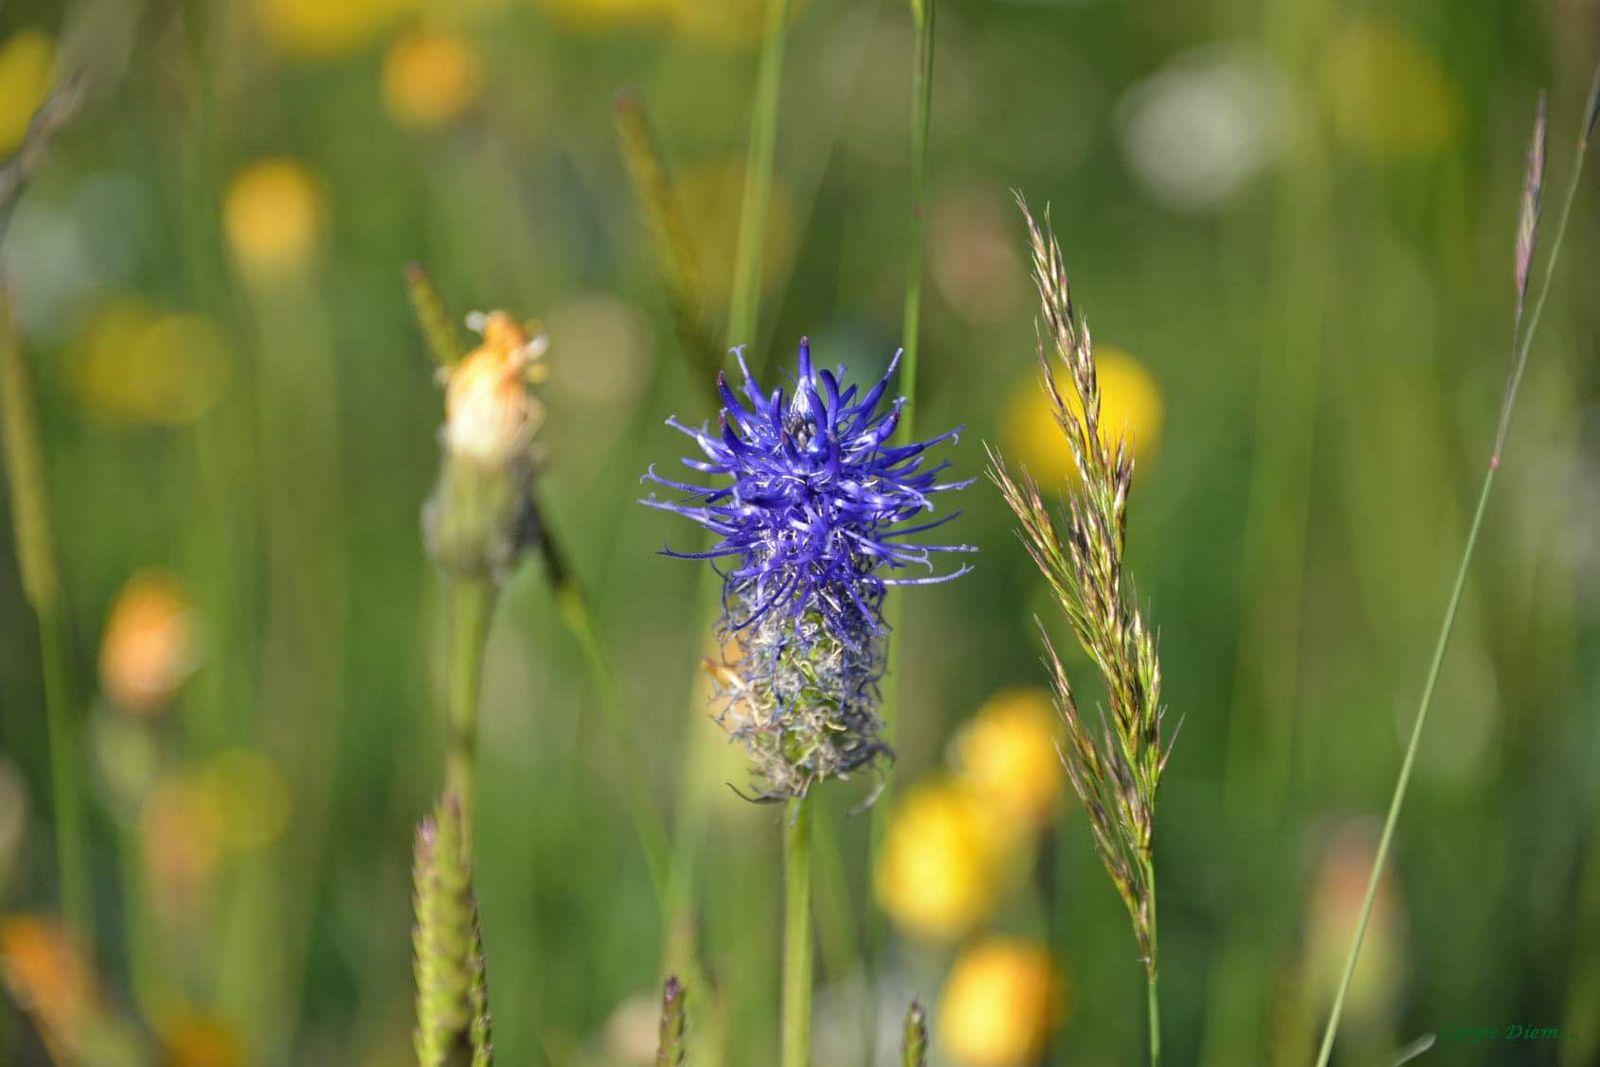 Flore de l'Aubrac, l'une des plus riches d'Europe. Venez la découvrir.